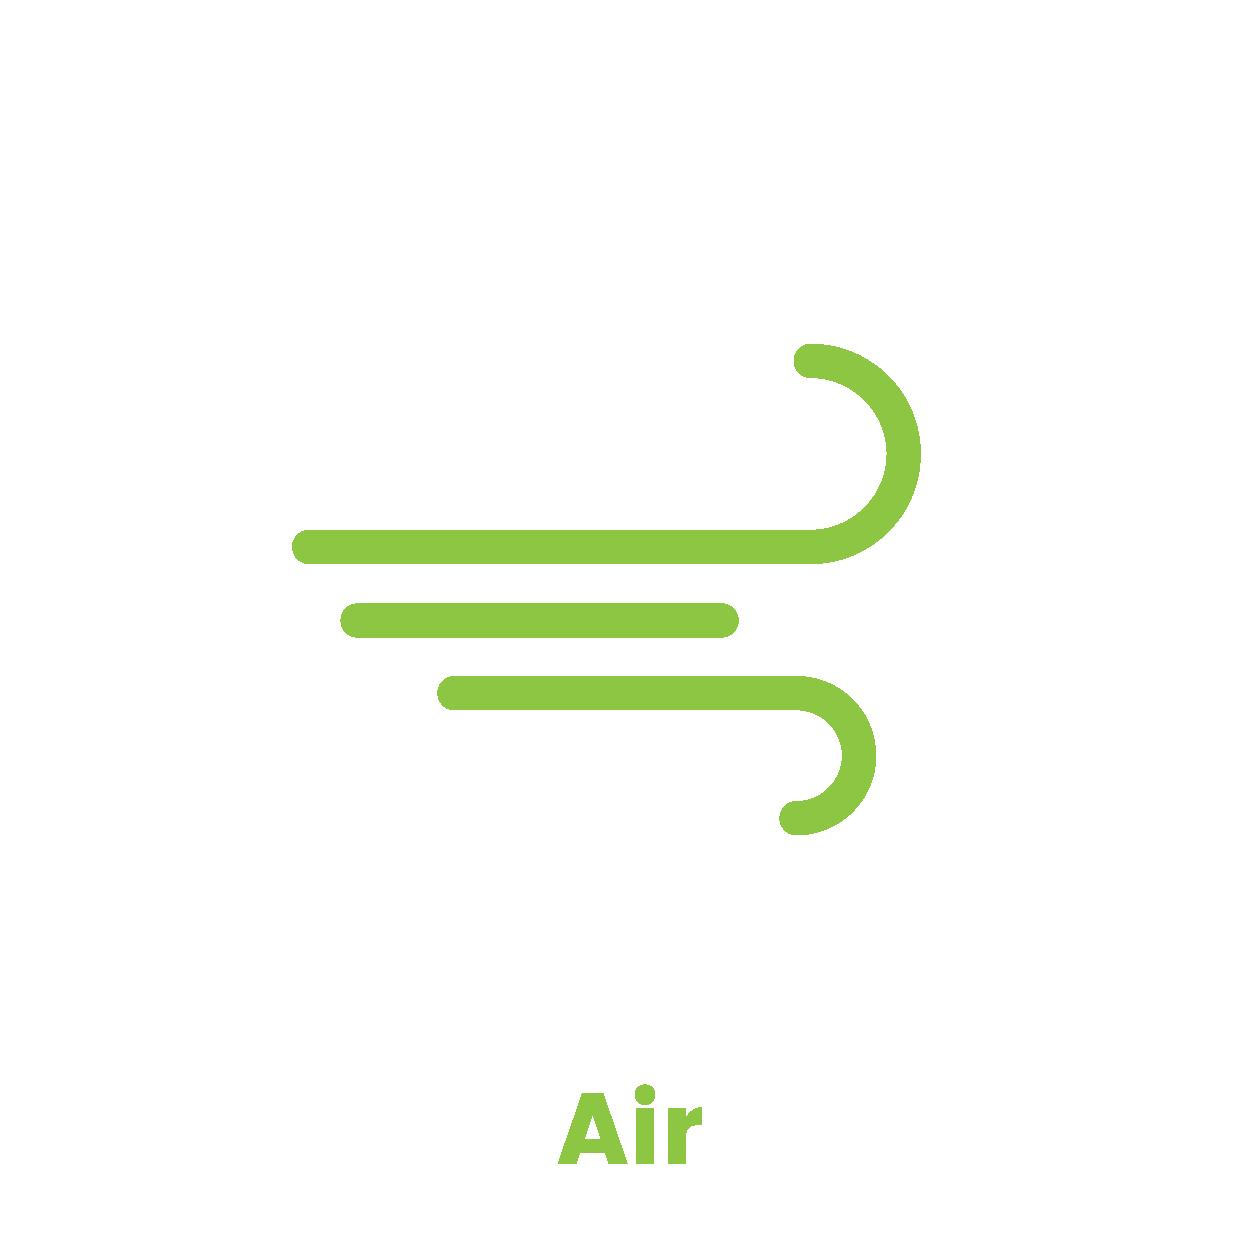 p4 PM - Air-01.png